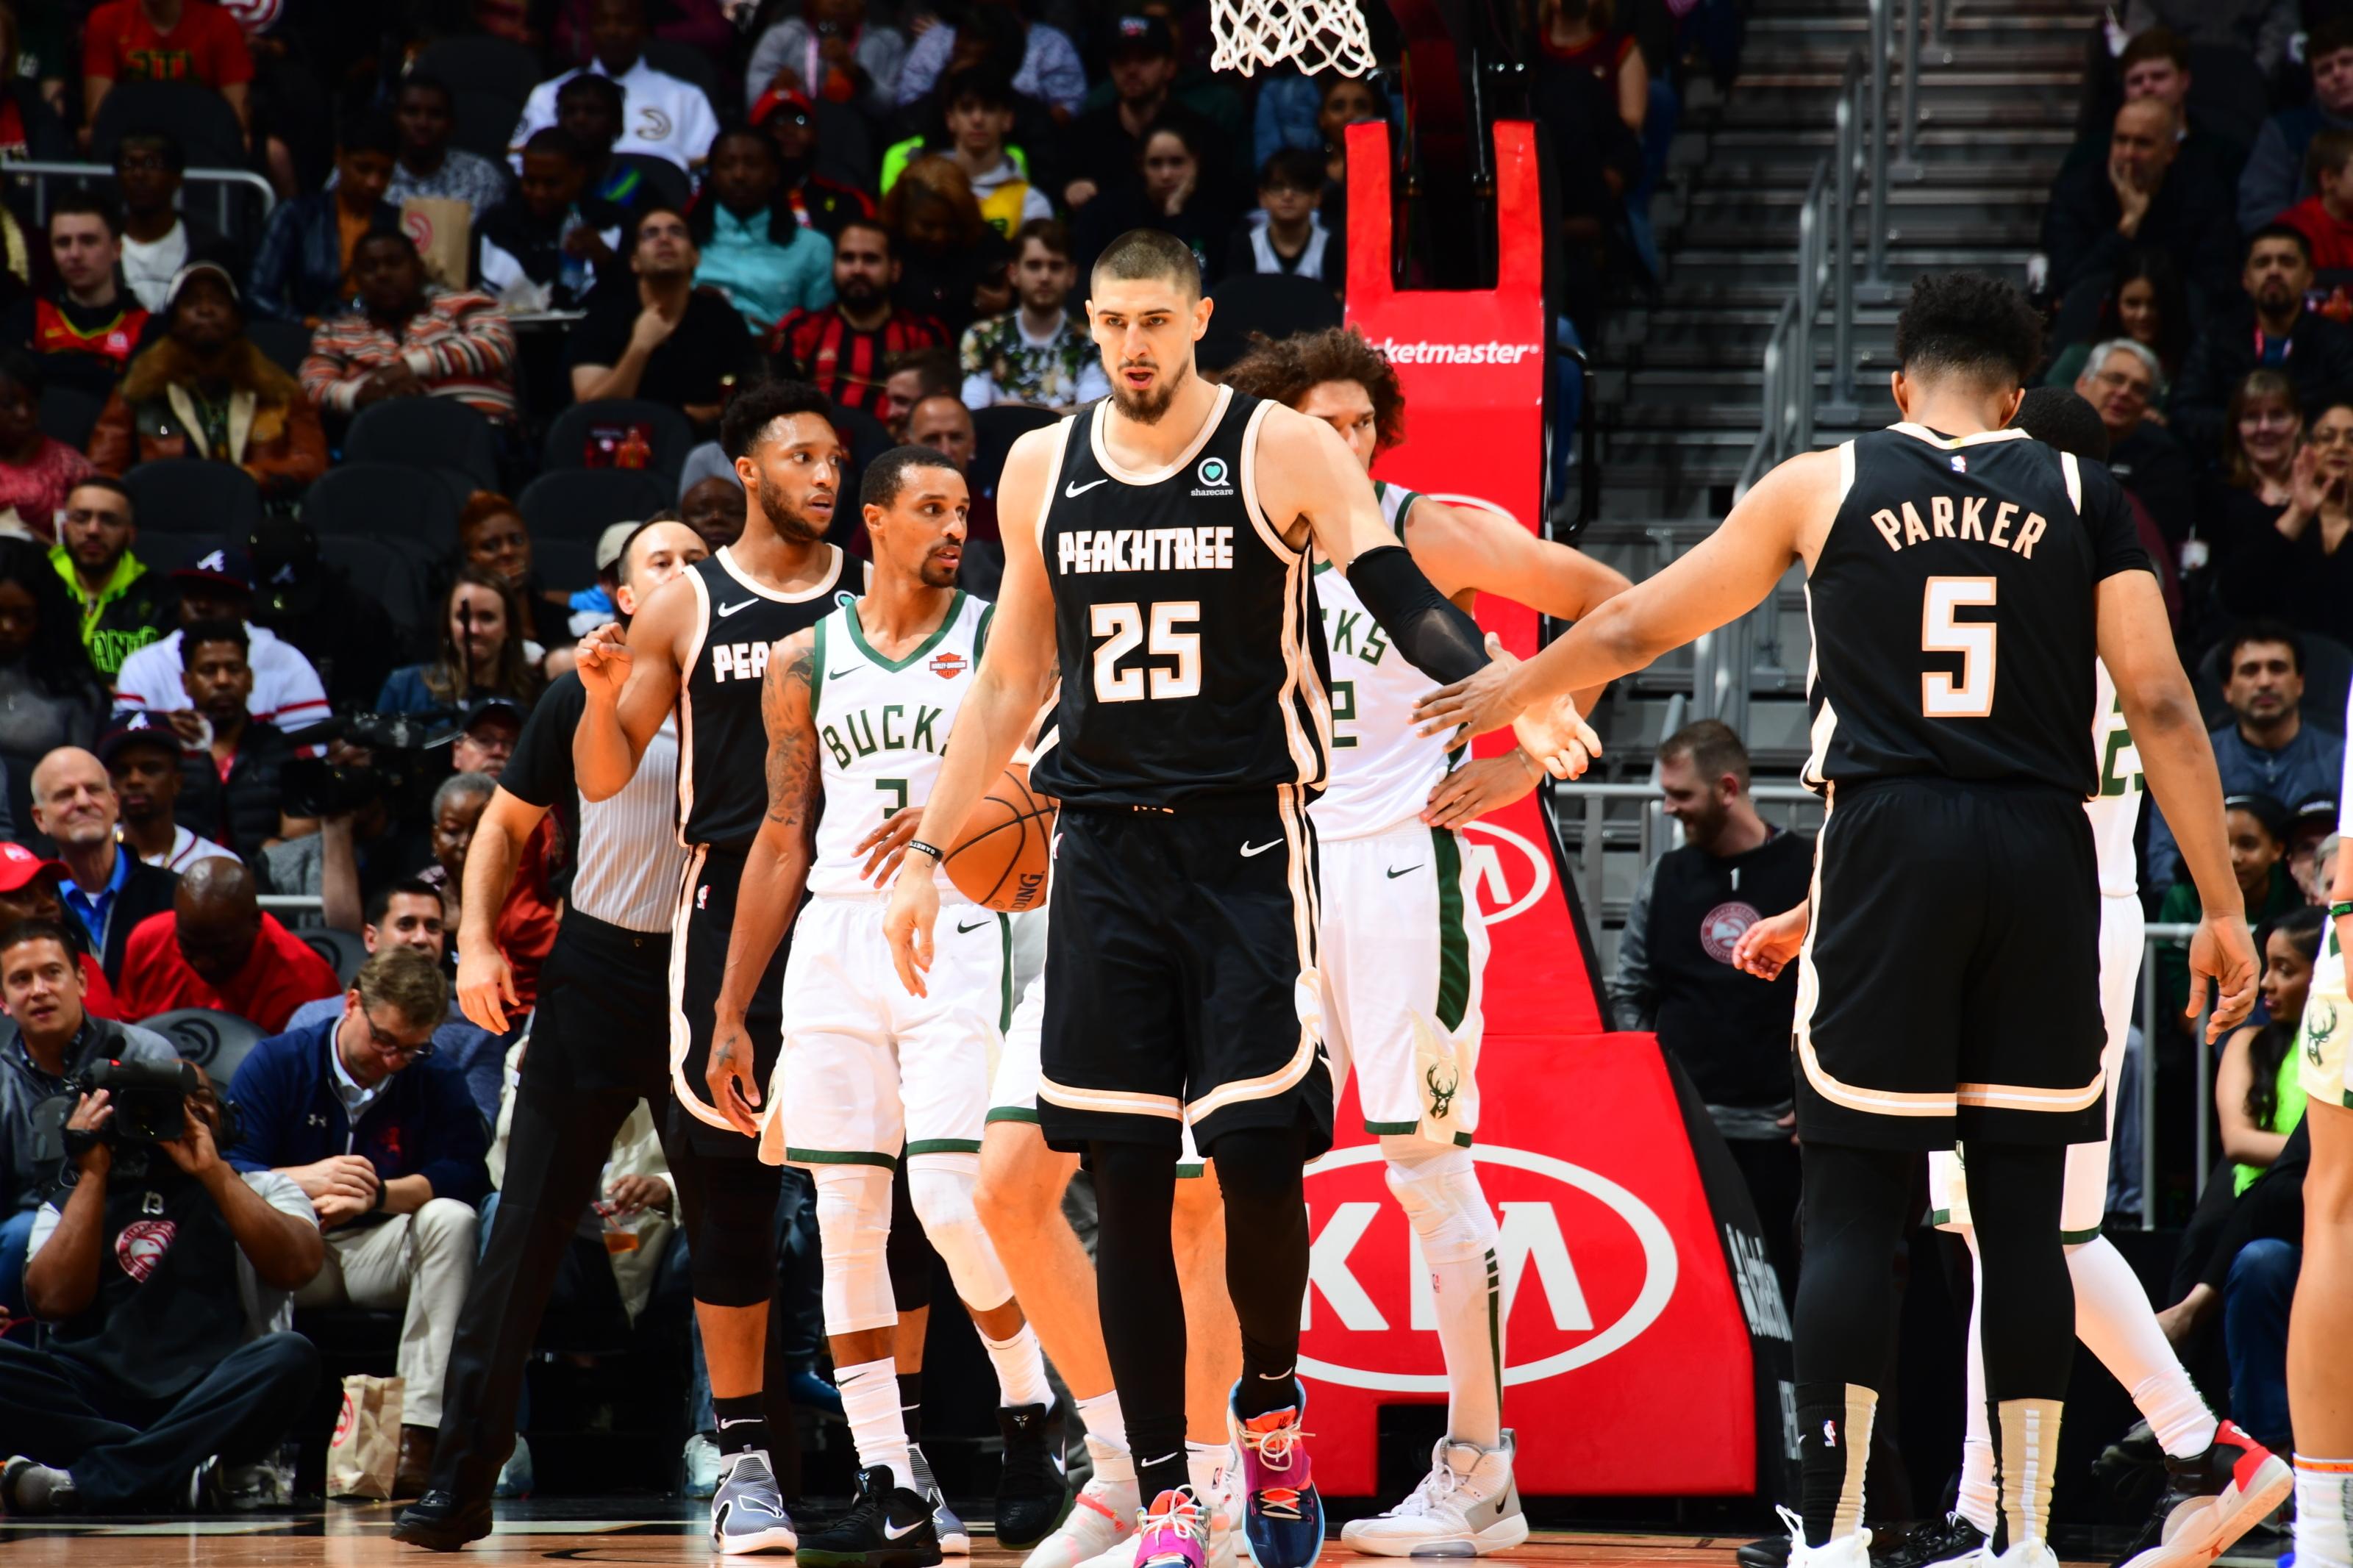 Клуб Західної конференції НБА у міжсезоння претендуватиме на підписання Олексія Леня